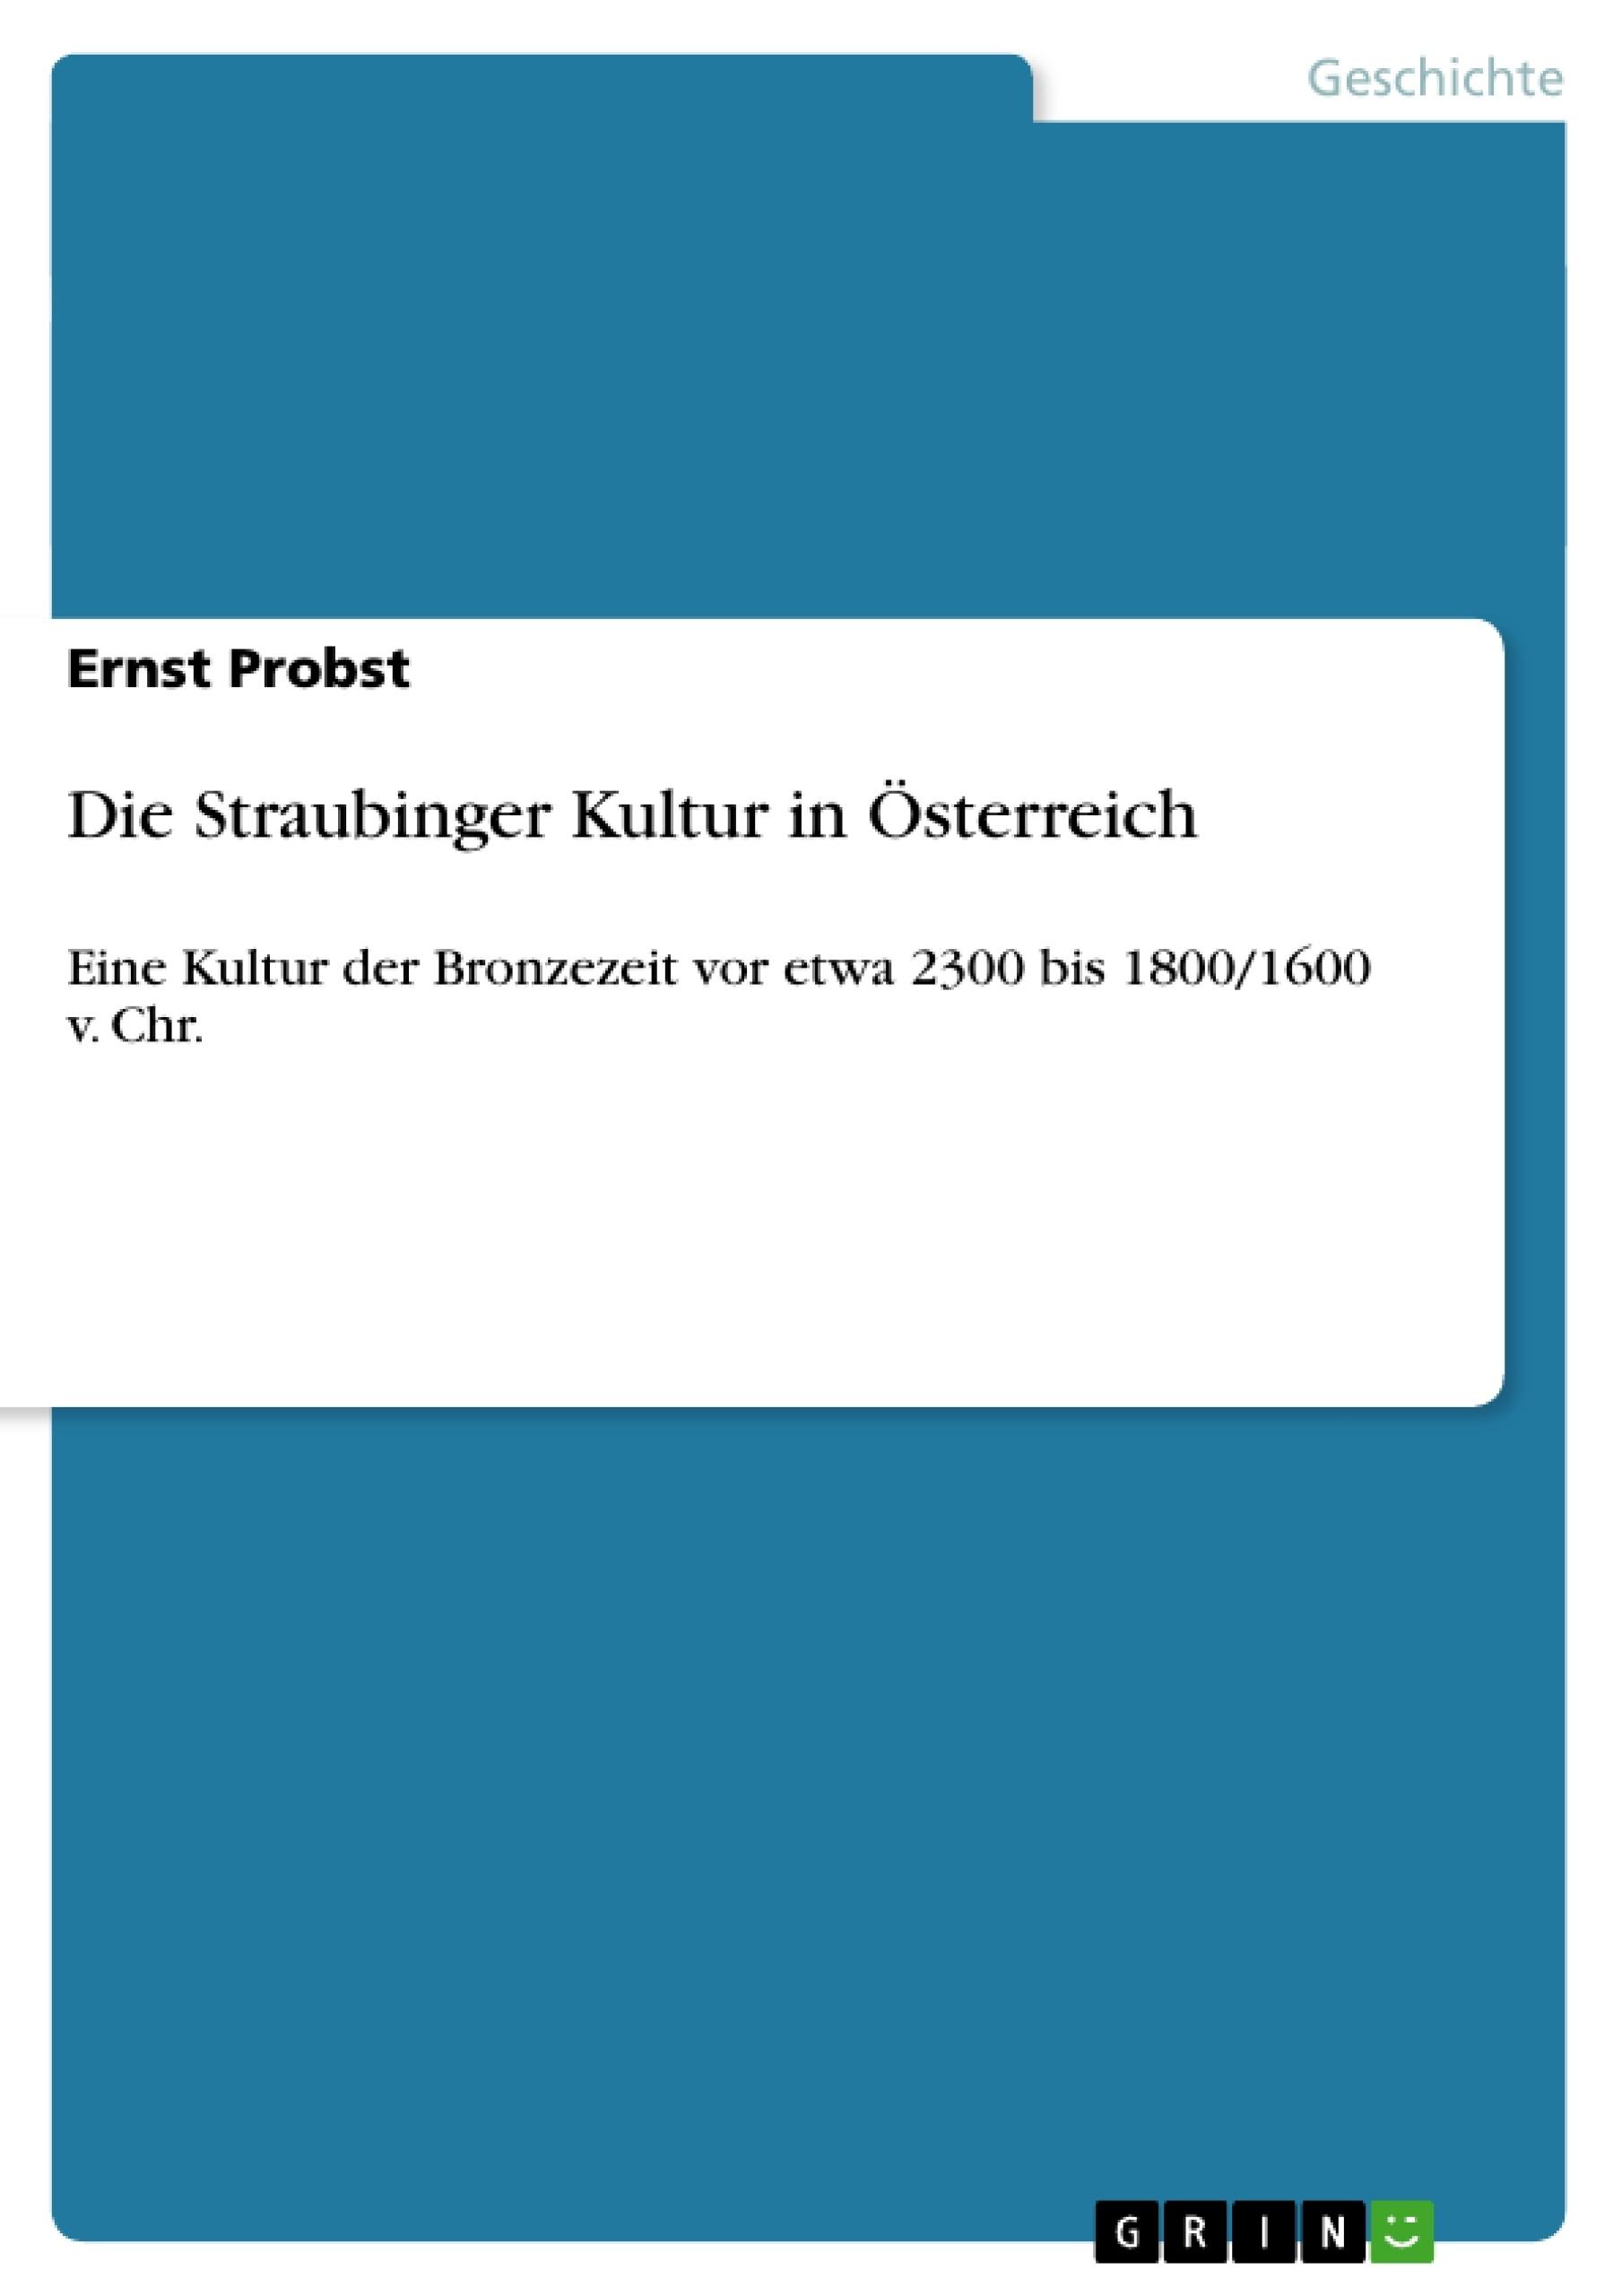 Titel: Die Straubinger Kultur in Österreich